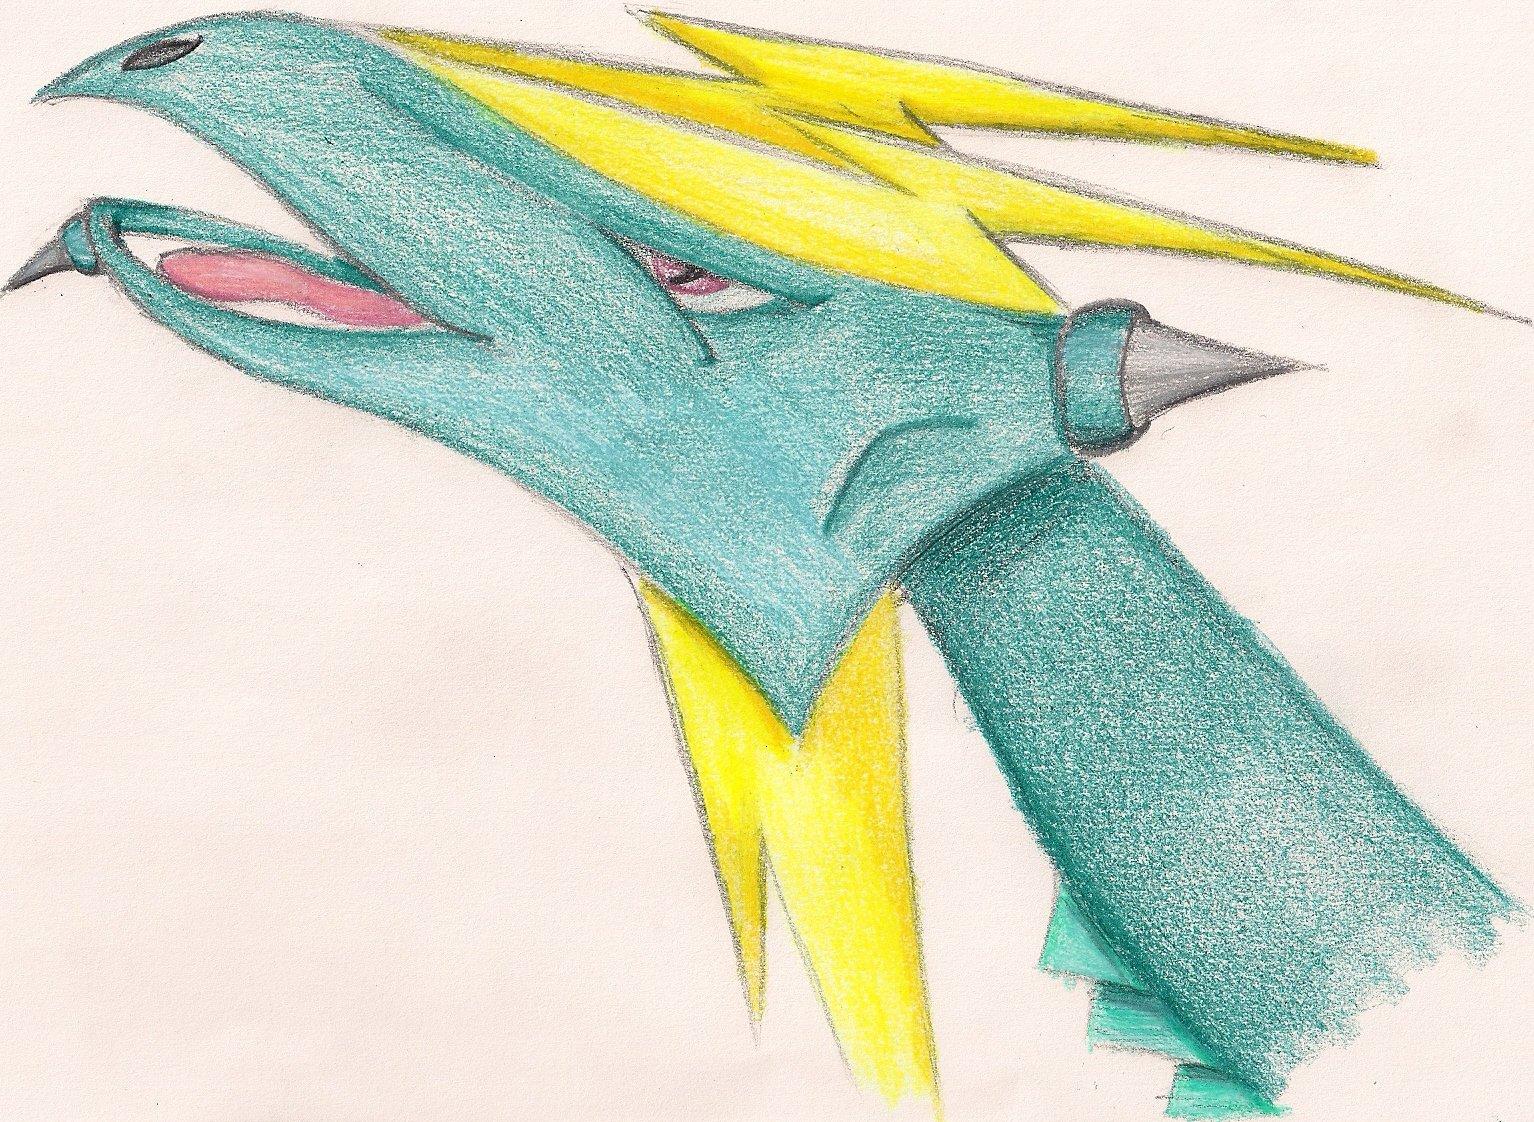 Pokémon-Zeichnung: Des grünen Blitzdrachens Kopf